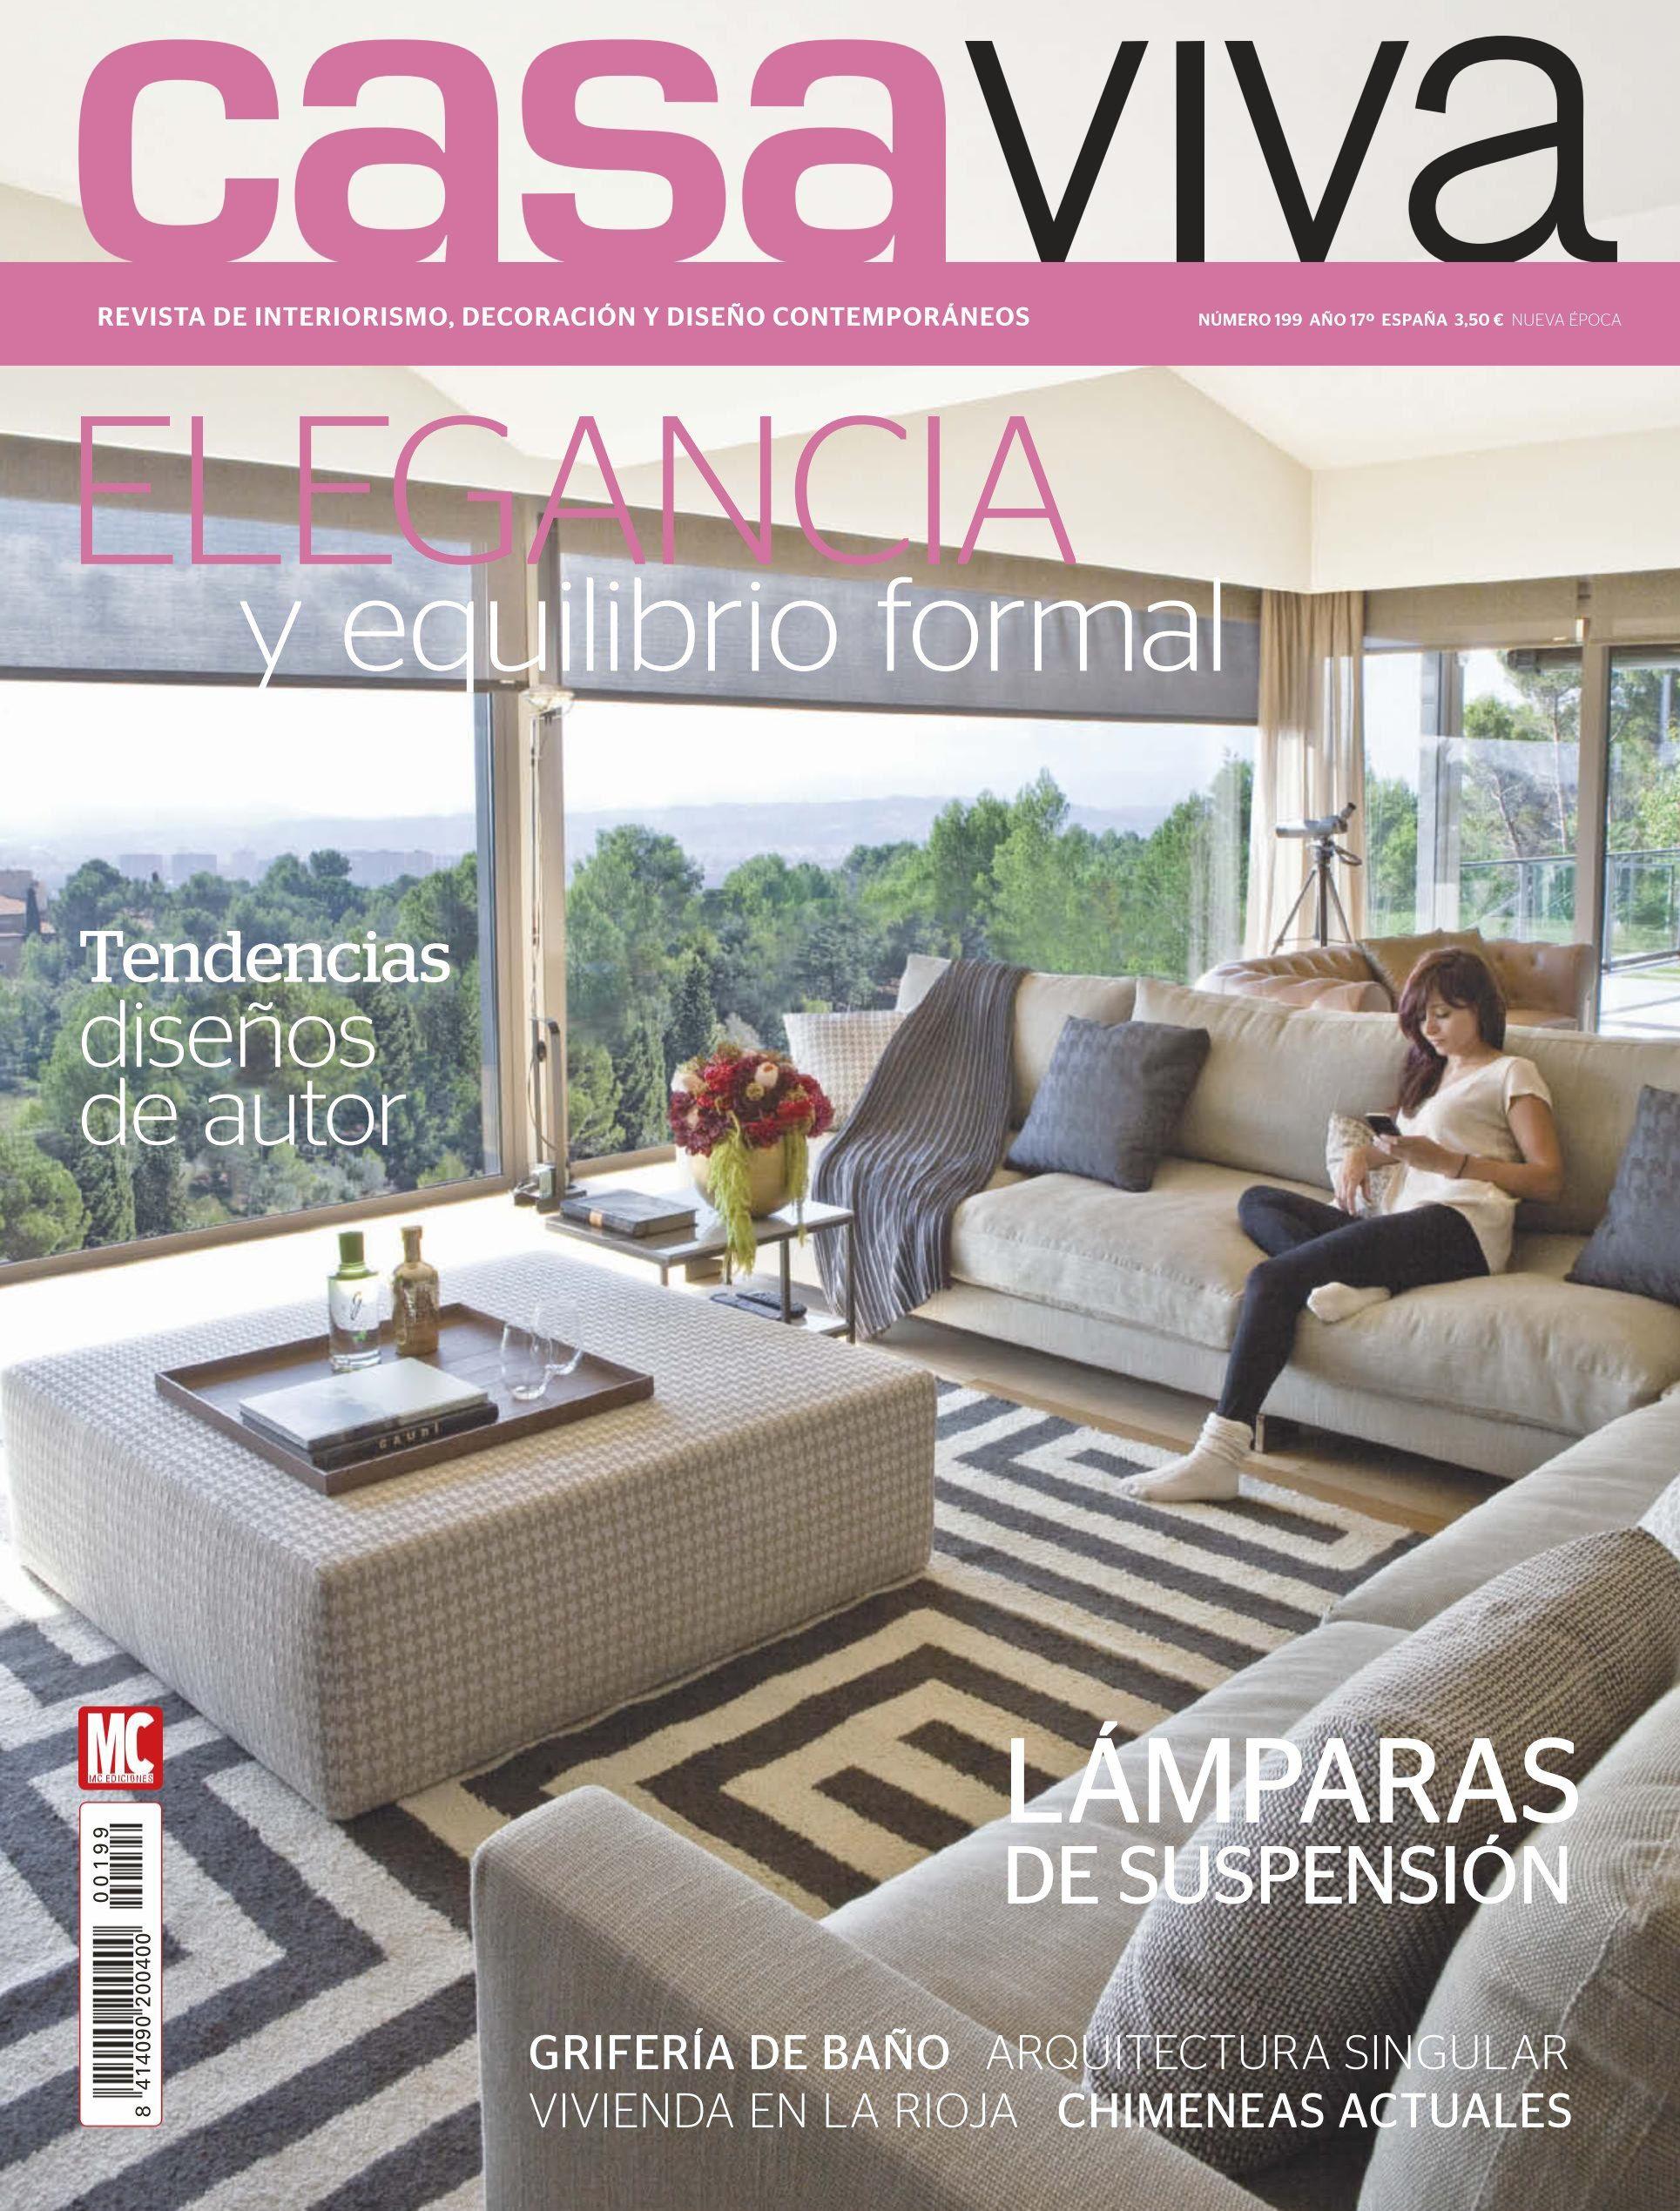 Revista casa viva 17 interiorismo decoraci n y dise o for Decoracion casa viva